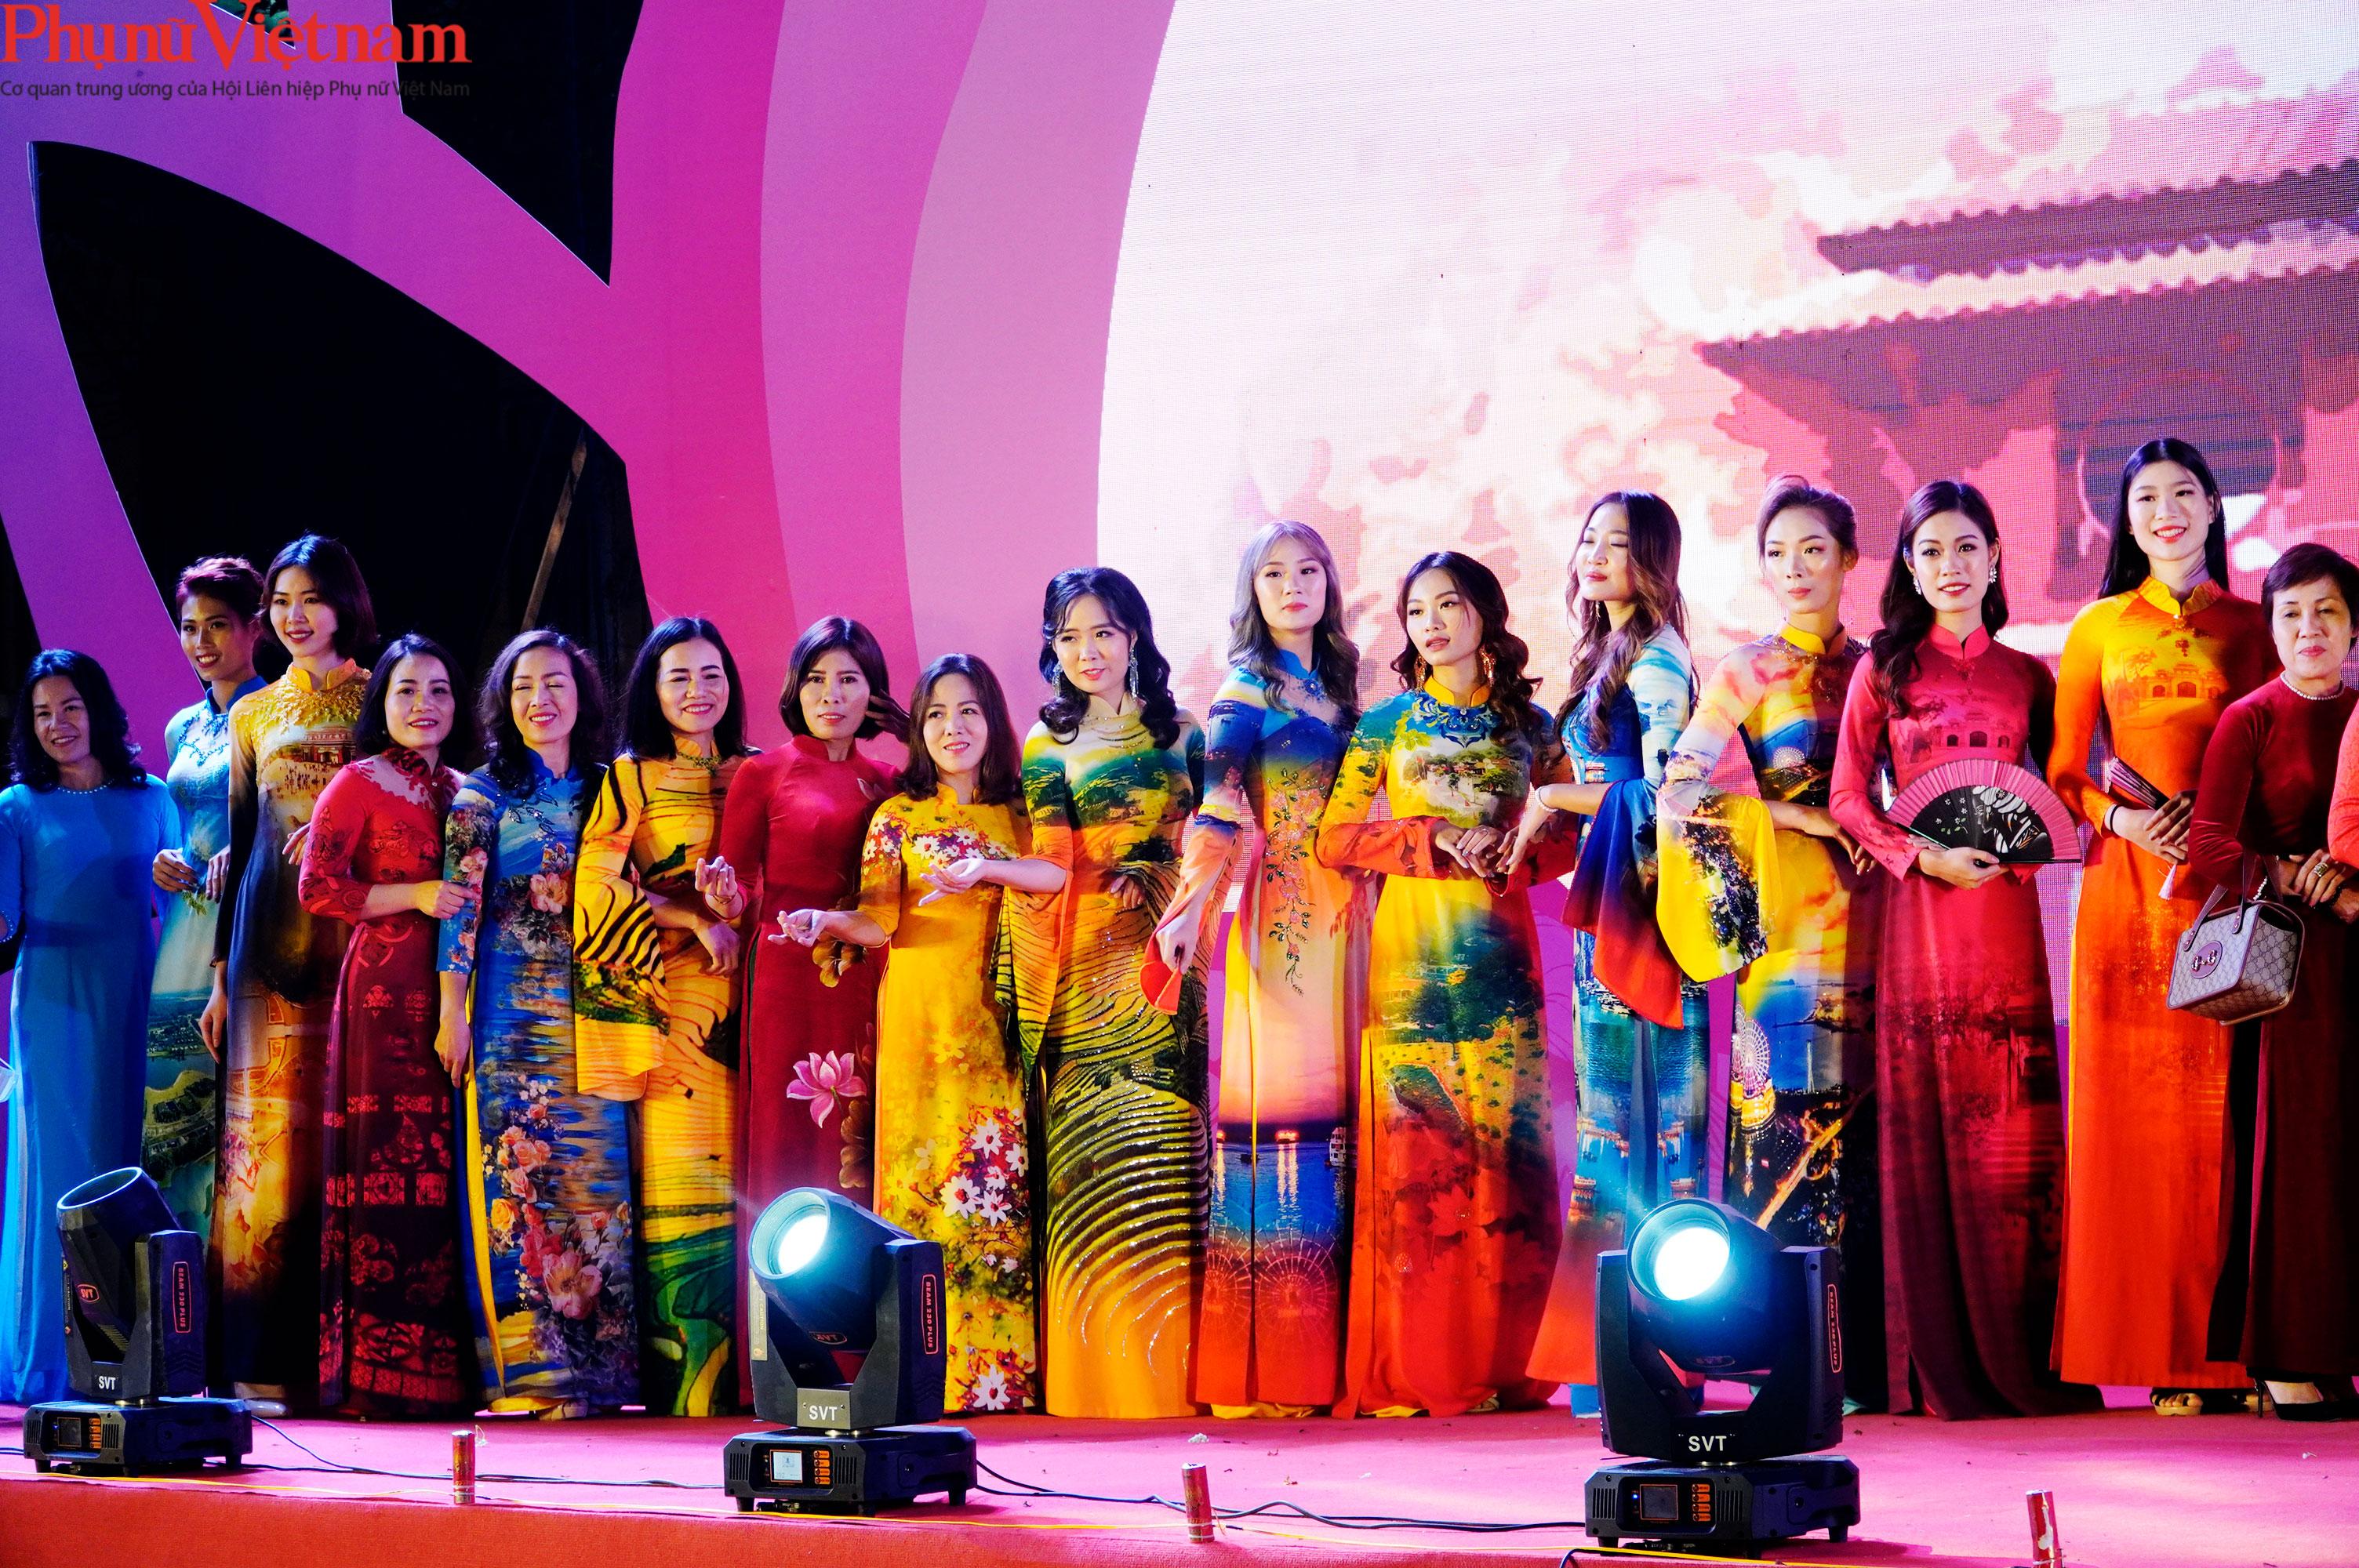 Phụ nữ Hà Nội giao lưu văn hóa, du lịch và sản phẩm sáng tạo với các tỉnh thành thuộc Đồng bằng sông Hồng - Ảnh 18.